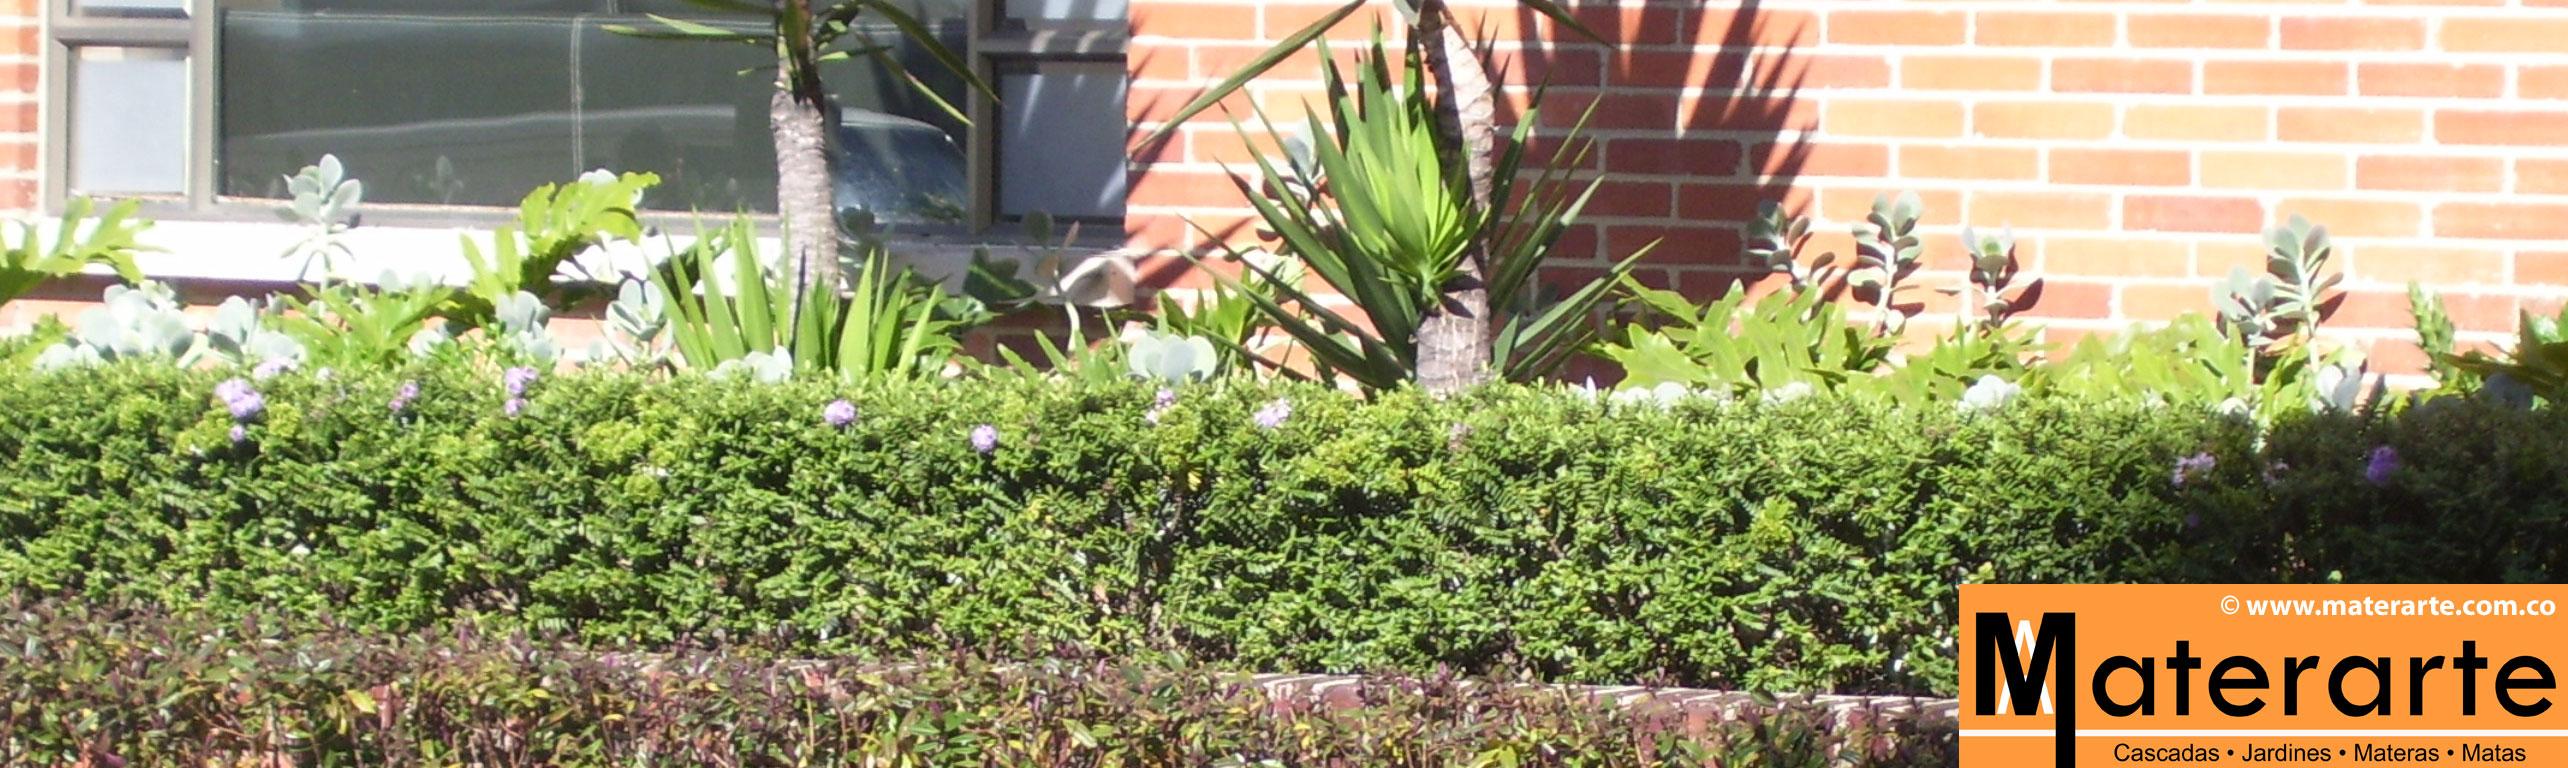 Materarte dise o construcci n y mantenimiento de - Jardines disenos exteriores ...